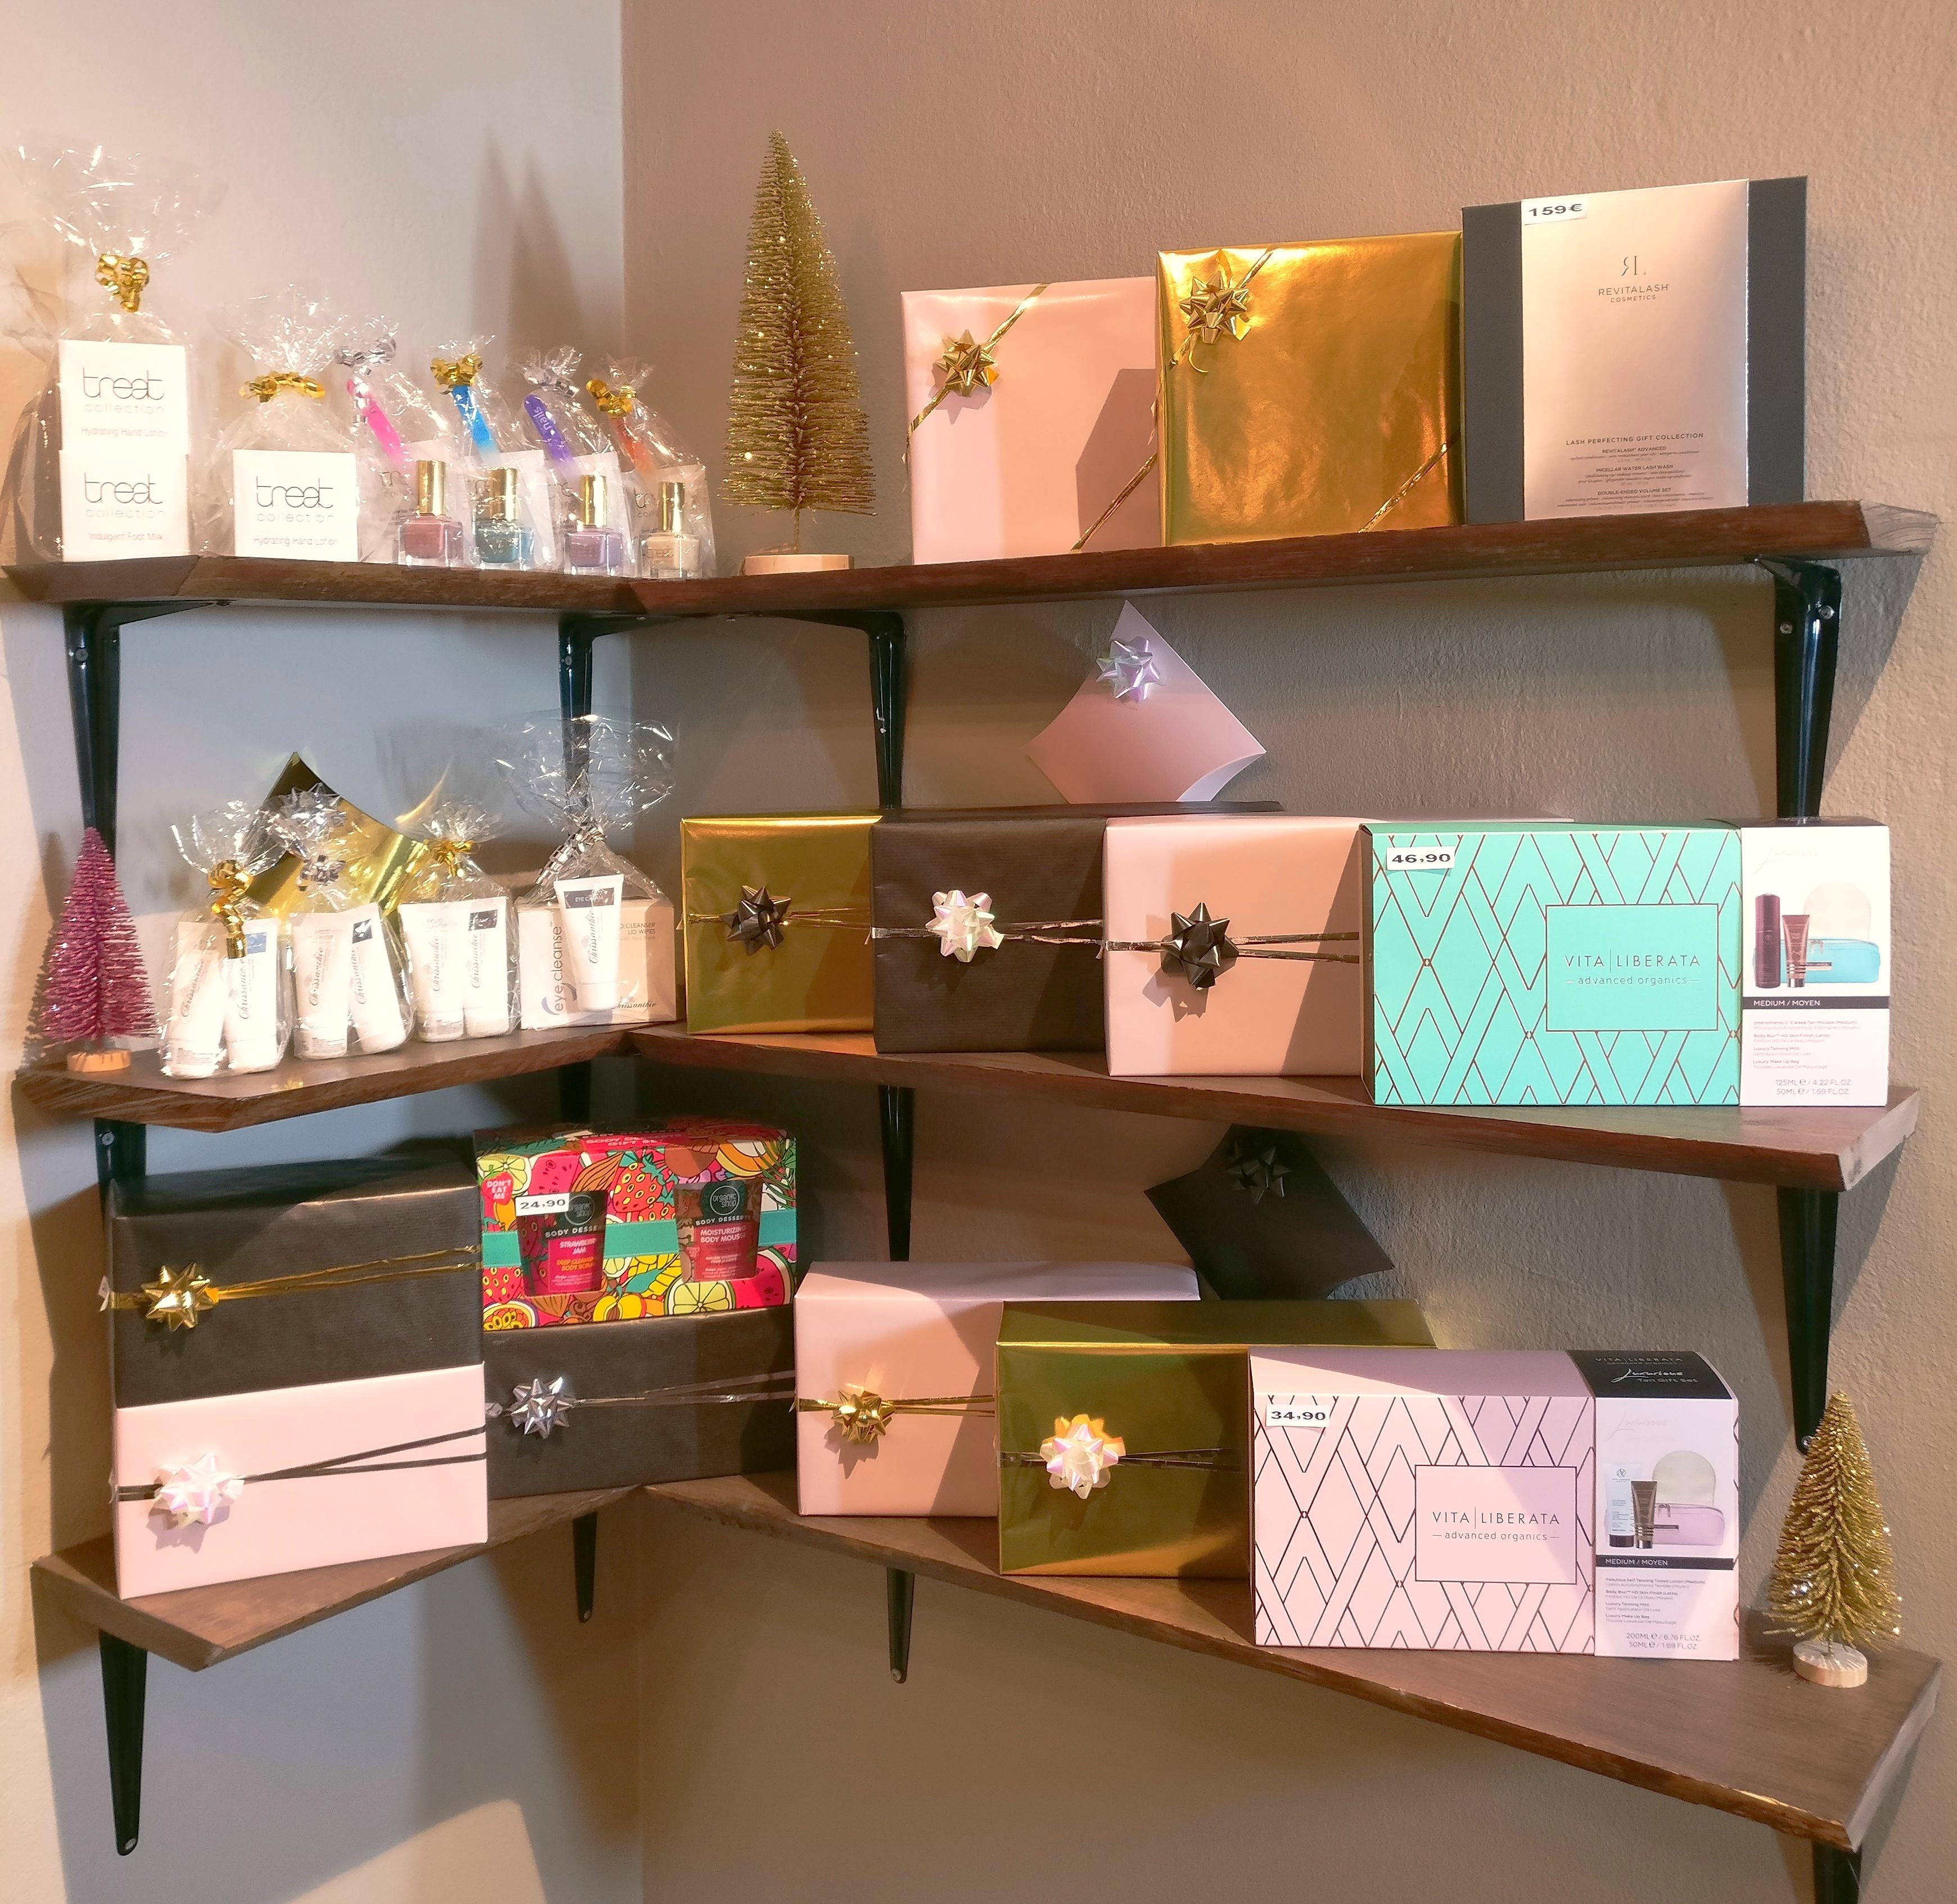 valmiit-joululahjapaketit-kauneushoitola-helsinki-hemmottelulahja-indie-hair-beauty-etu-tl-lahjakortti